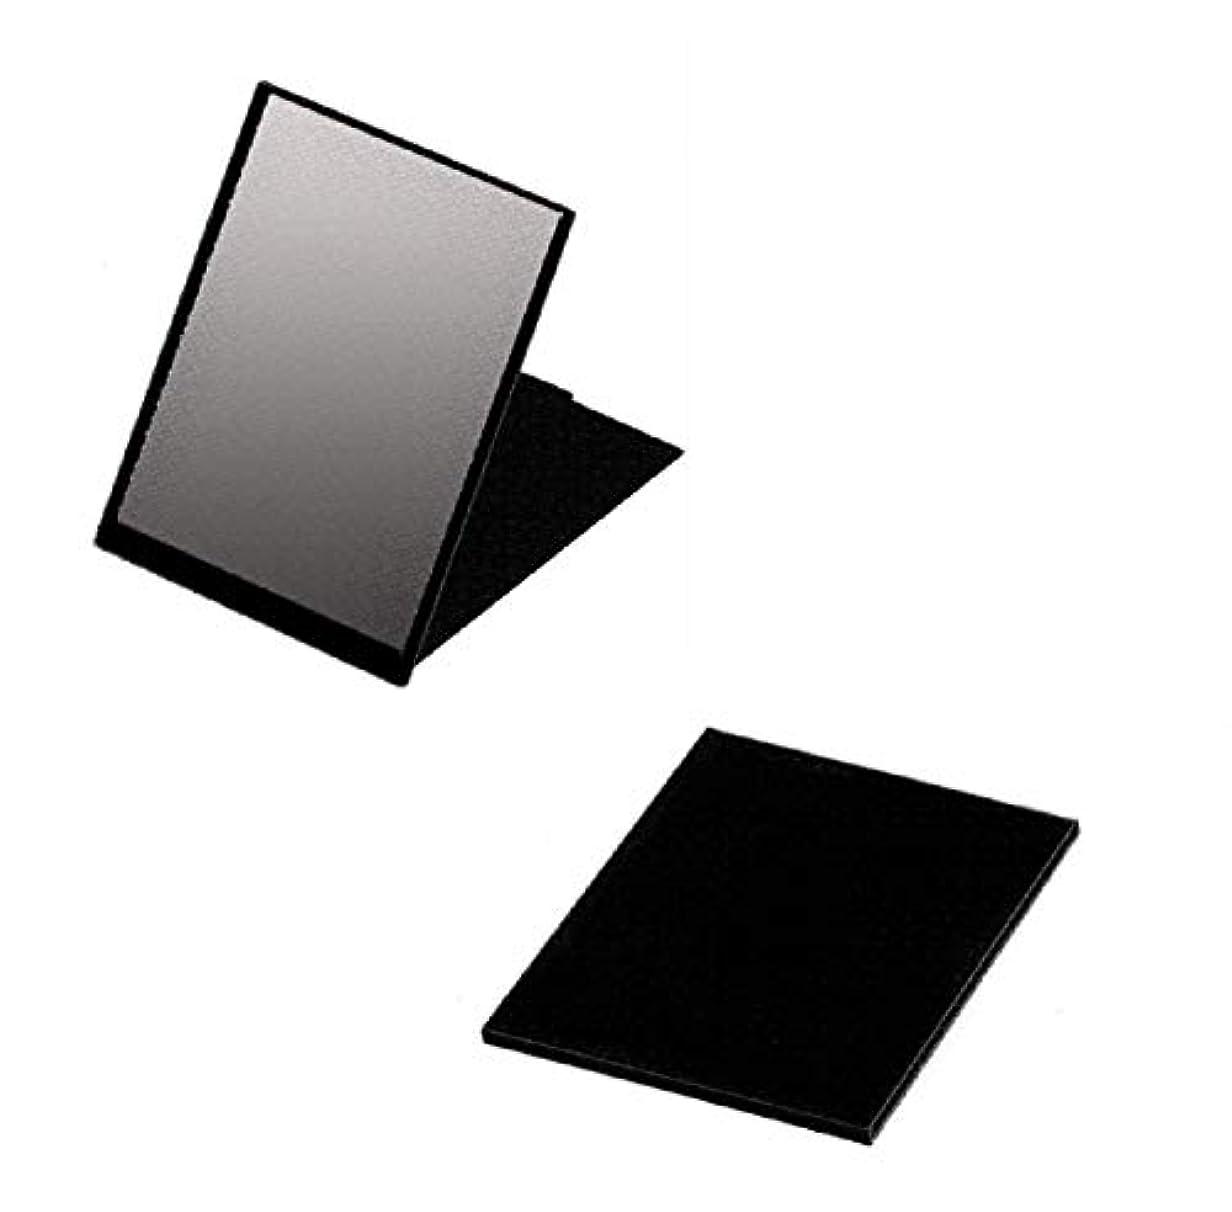 再編成する十代の若者たちマウスピースハイパービュースリム&ライトコンパクトミラー(M) HV-001 ブラック